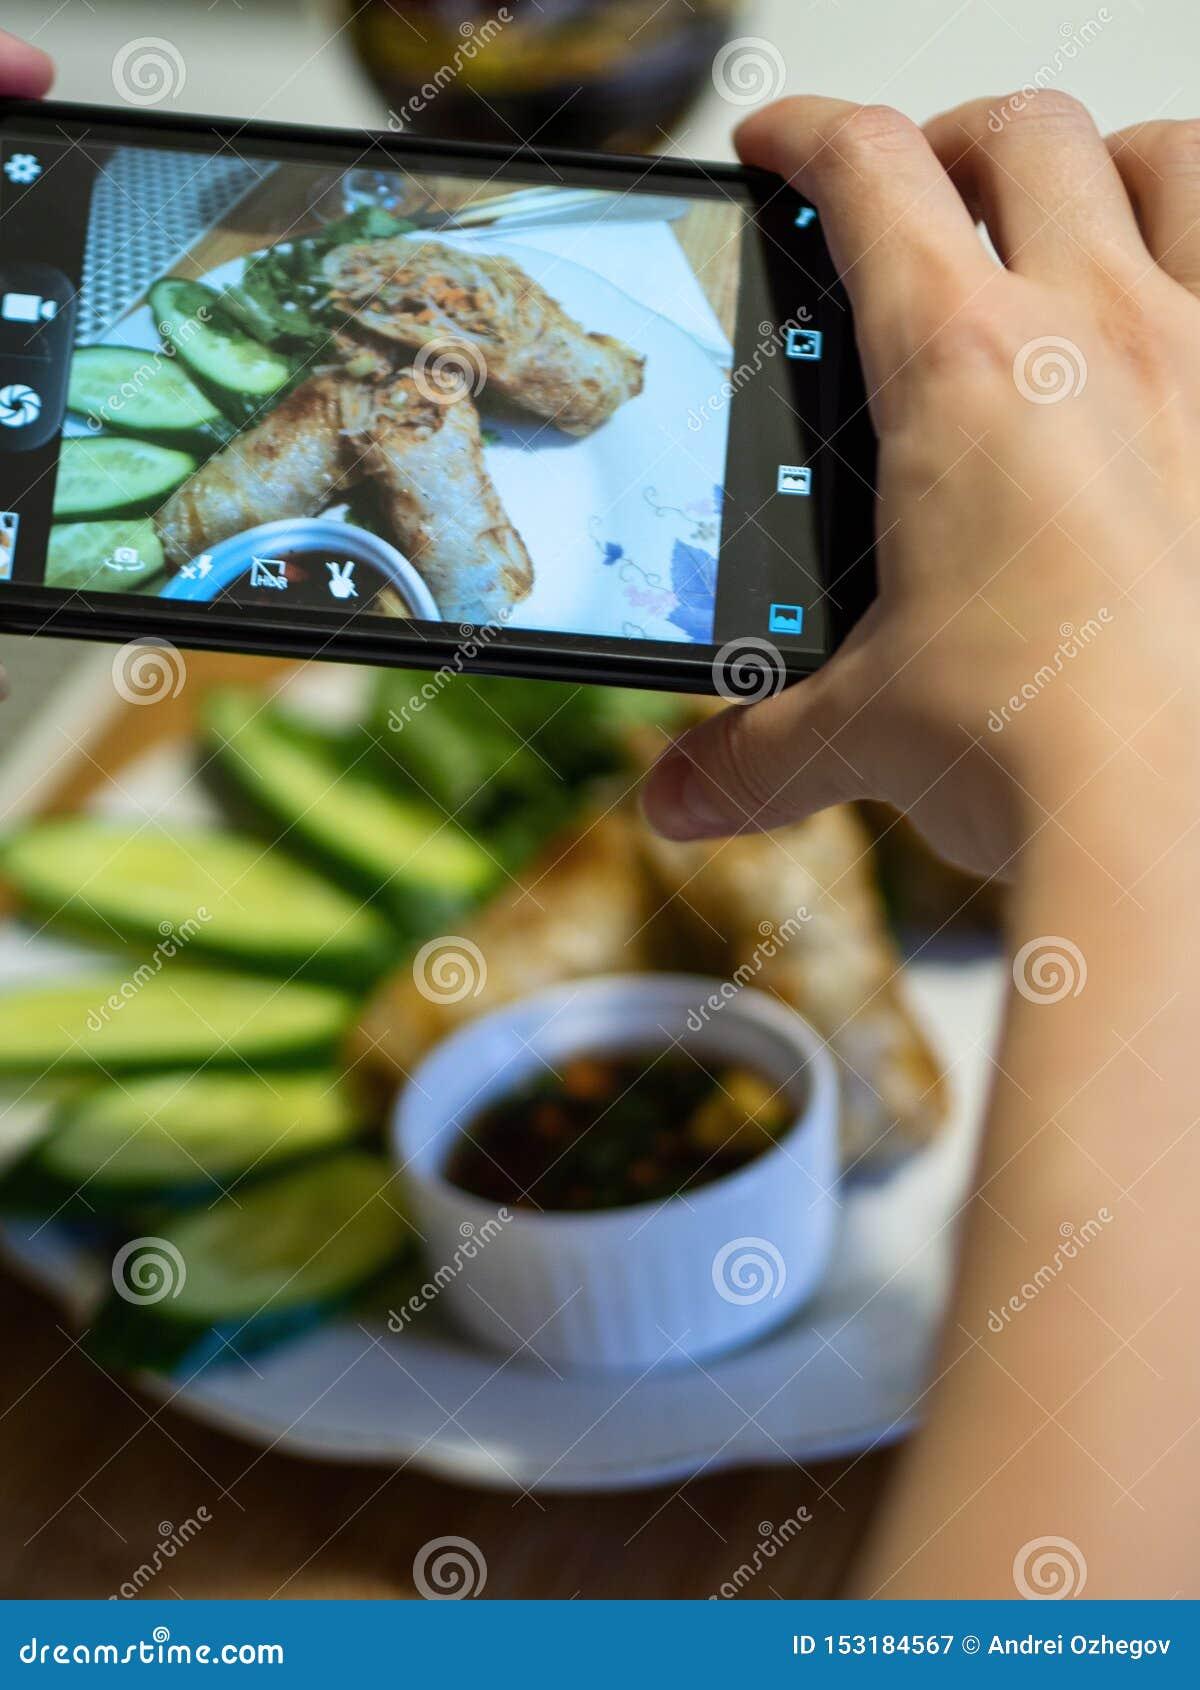 De hand die een smartphone gebruiken aan foto braadde Vietnamese pannekoeken